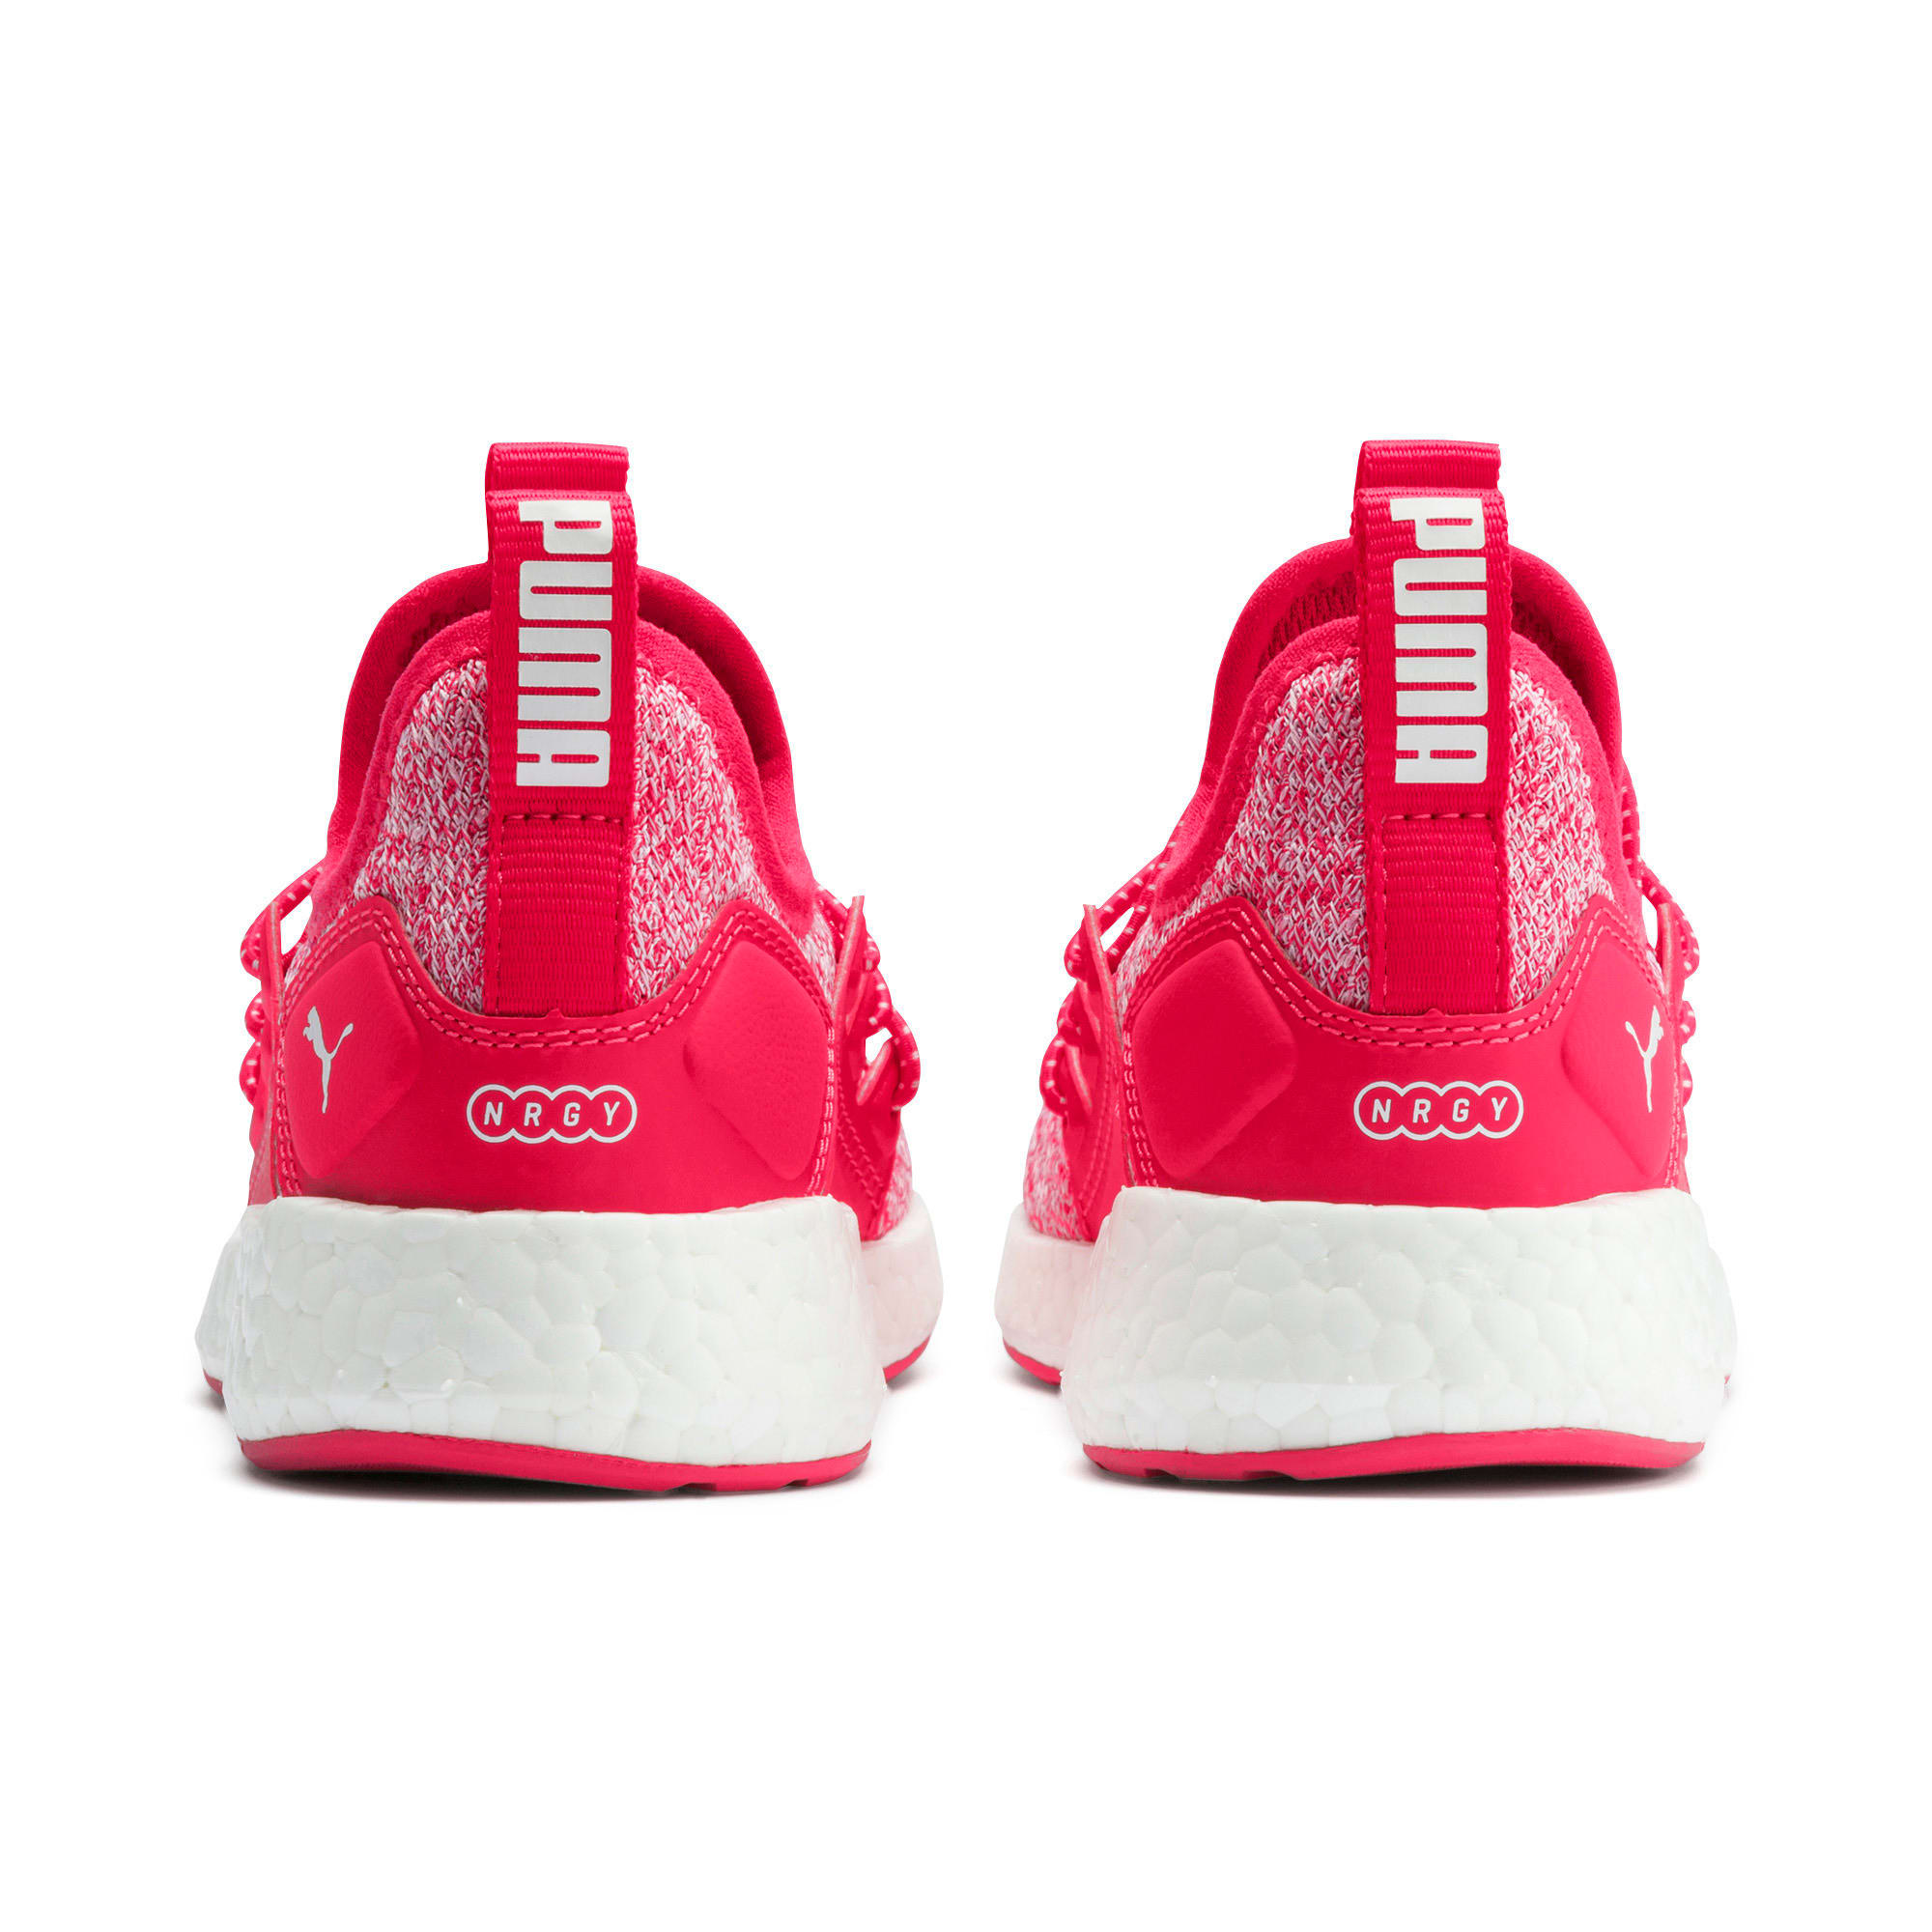 Miniatura 3 de Zapatos de punto NRGY Neko para PS, Nrgy Rose-Puma White, mediano